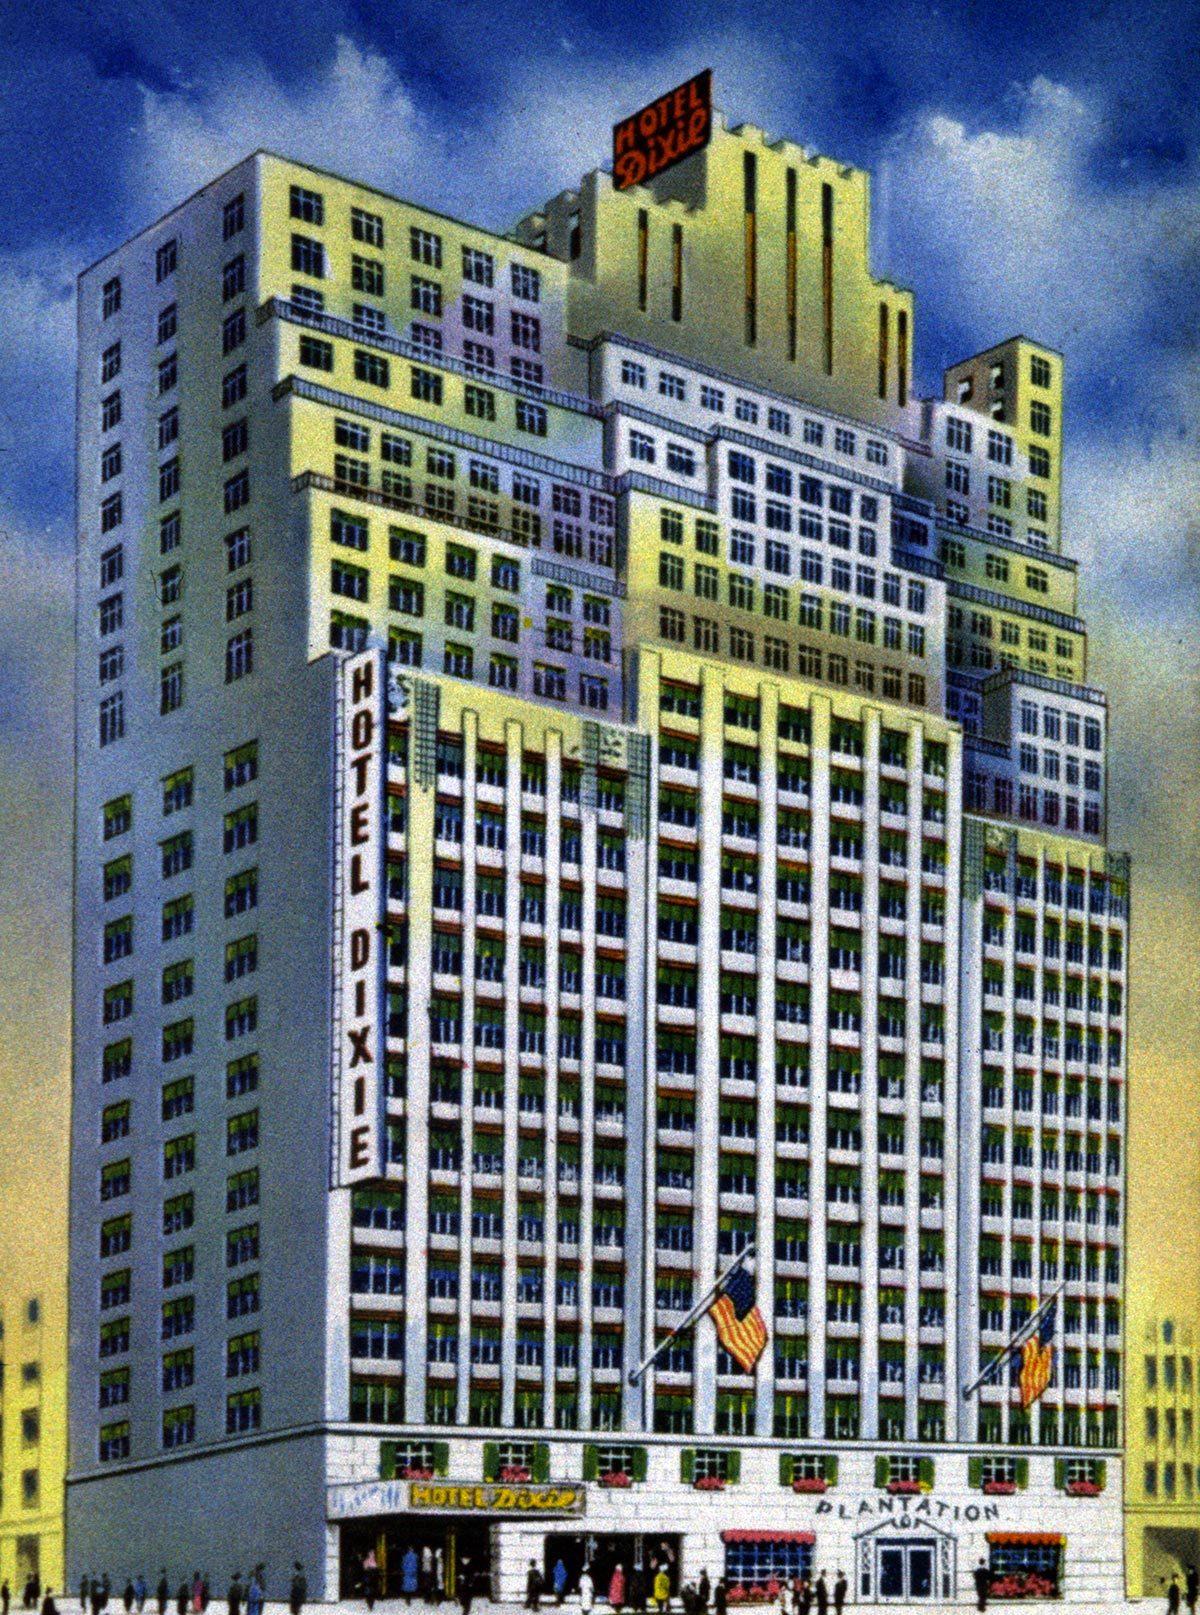 Monument célèbre qui dissimule une pièce secrète : l'Hôtel Carter de New York.